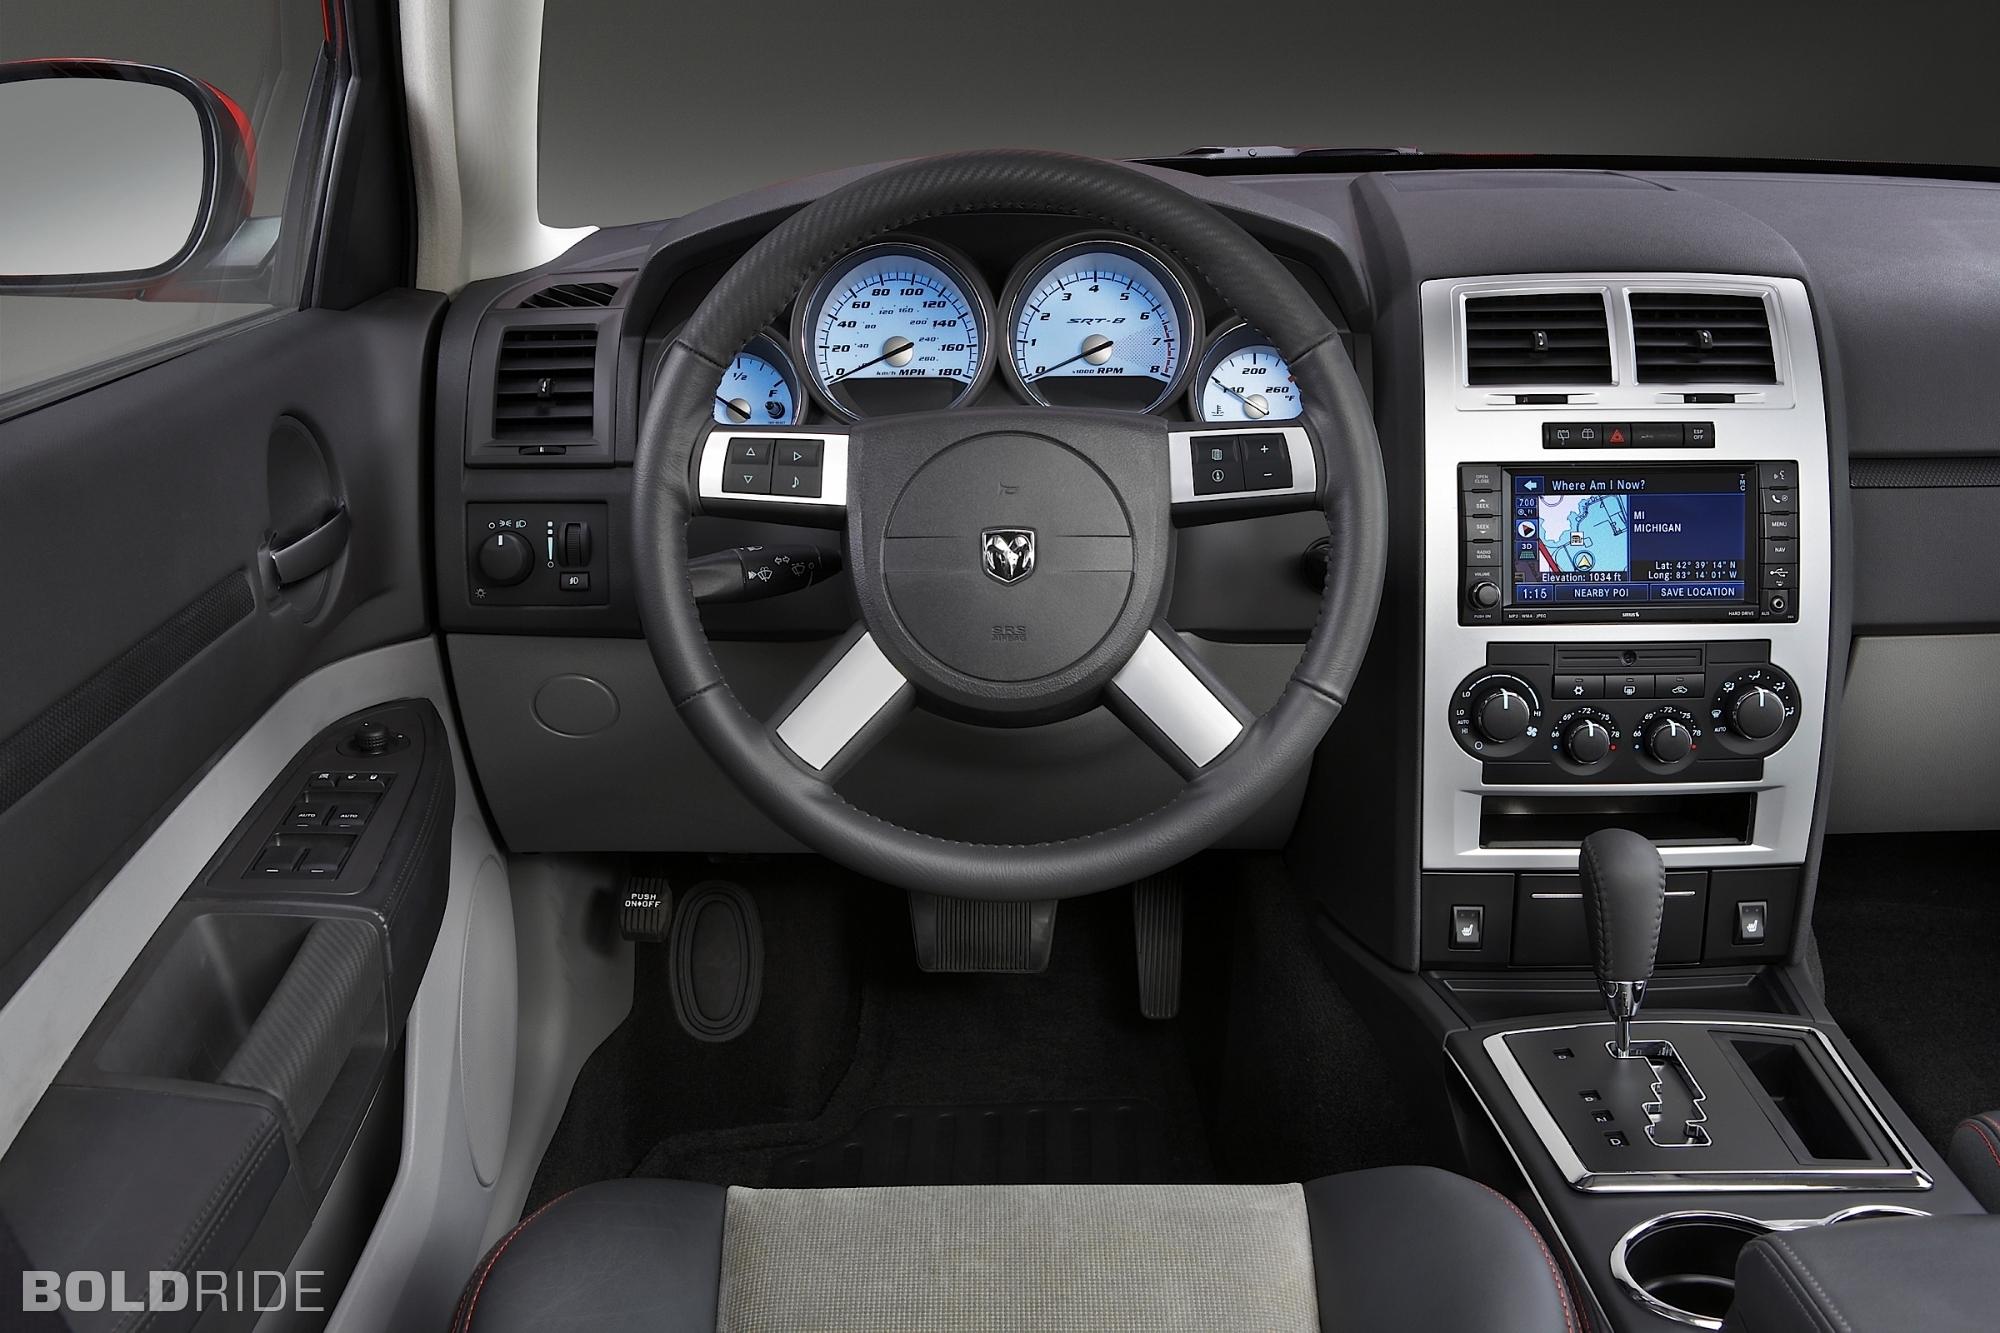 base in indianapolis veh dodge auto premium magnum wagon